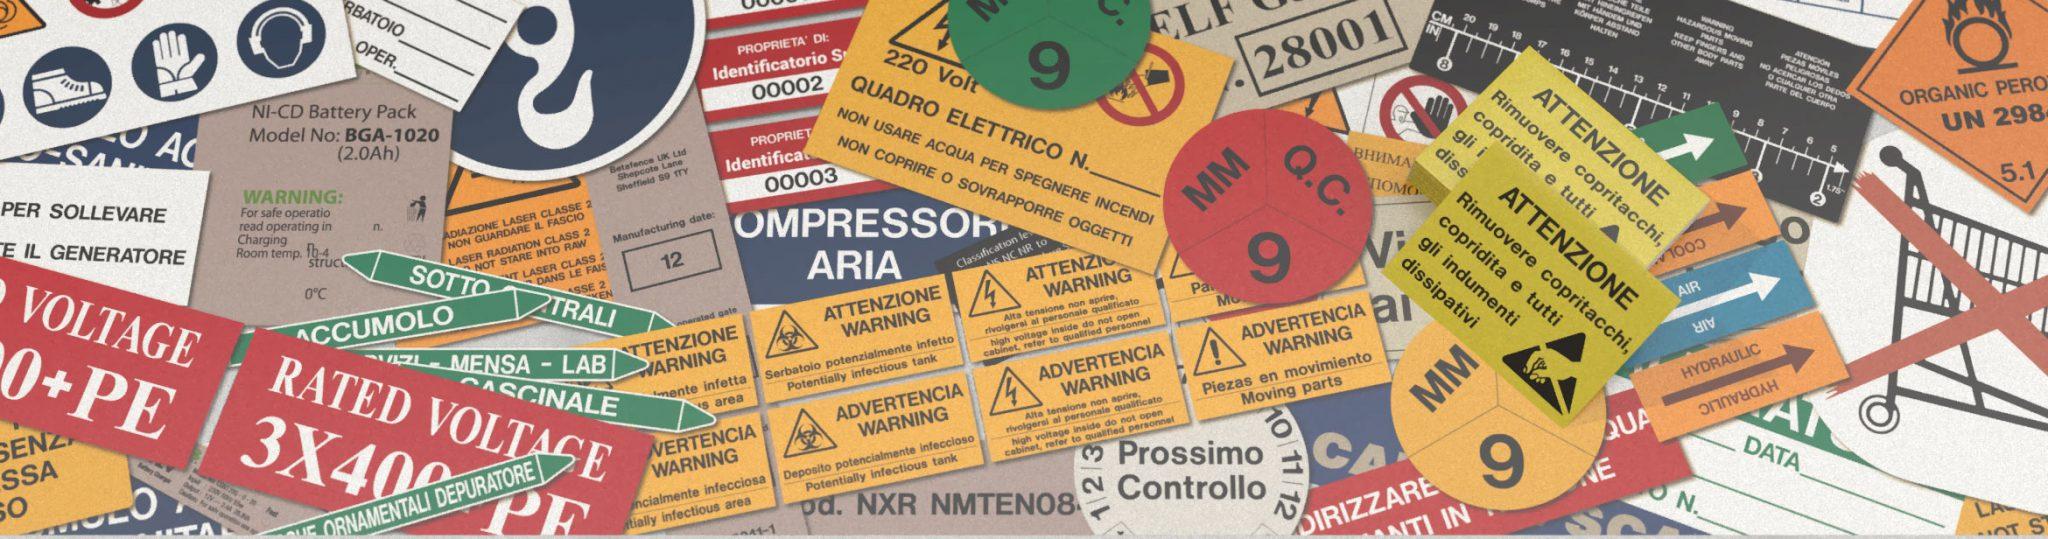 Etichette personalizzate in pellicola adesiva